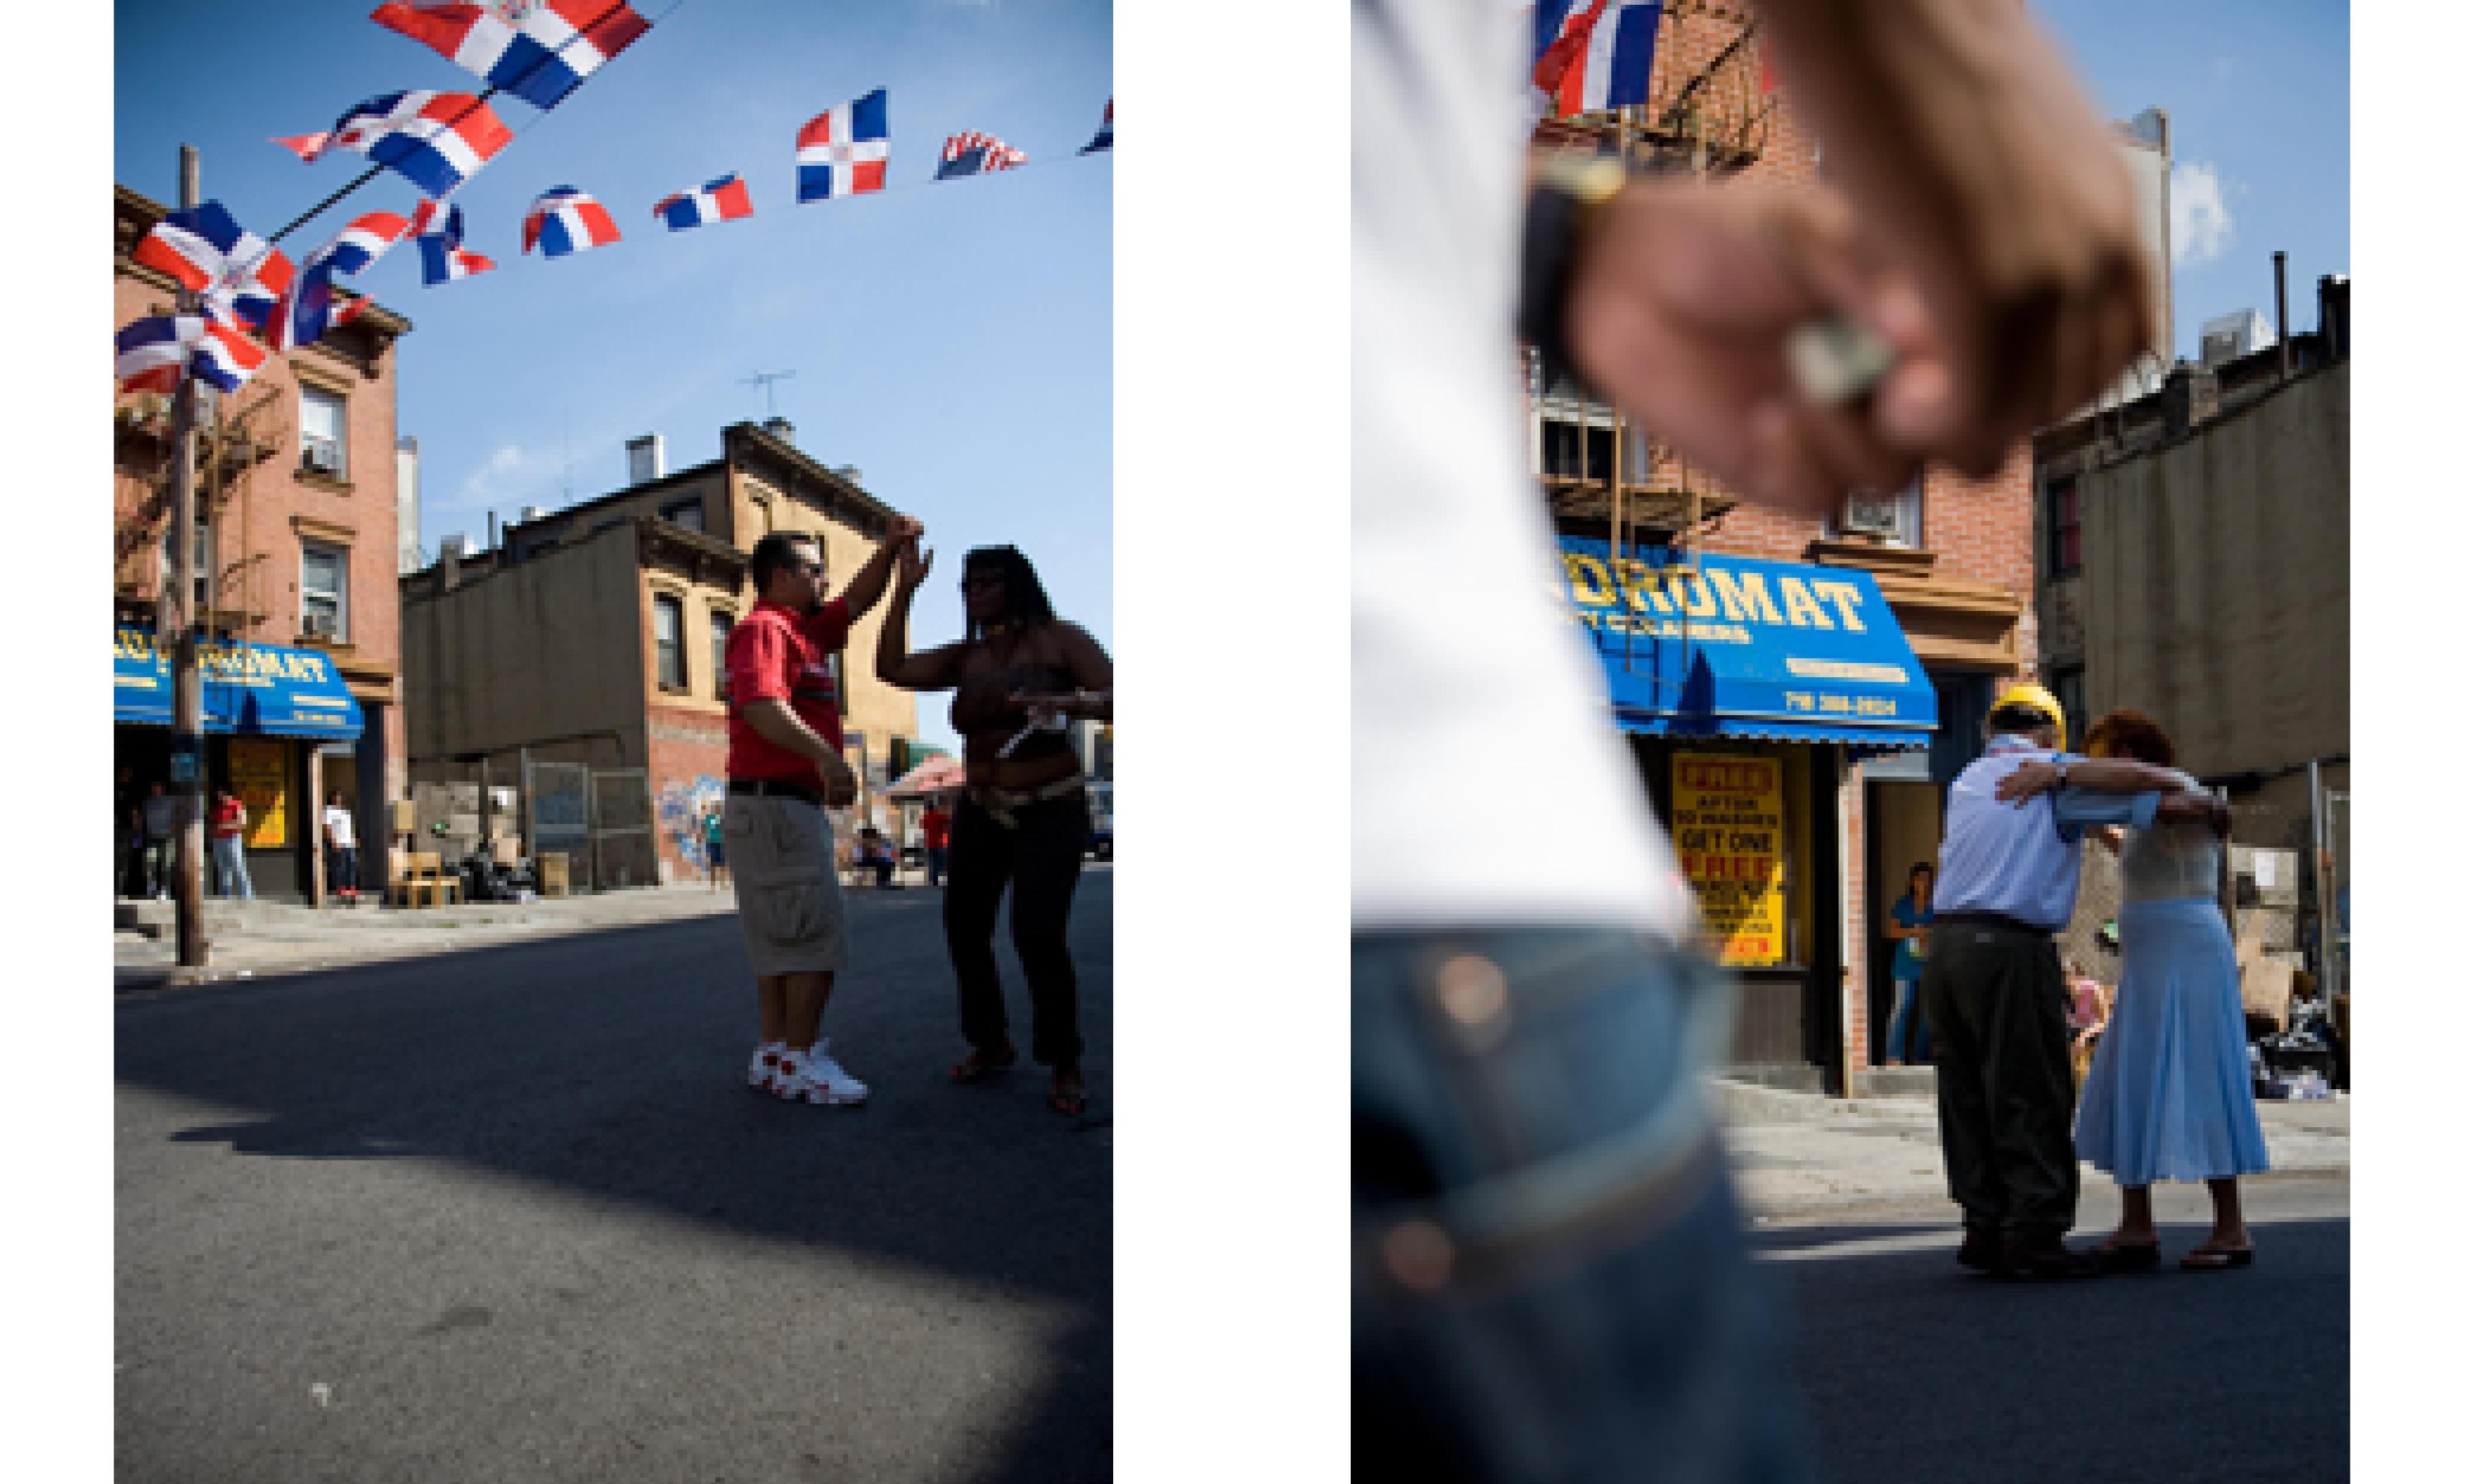 Brooklyn street life for Parool newspaper